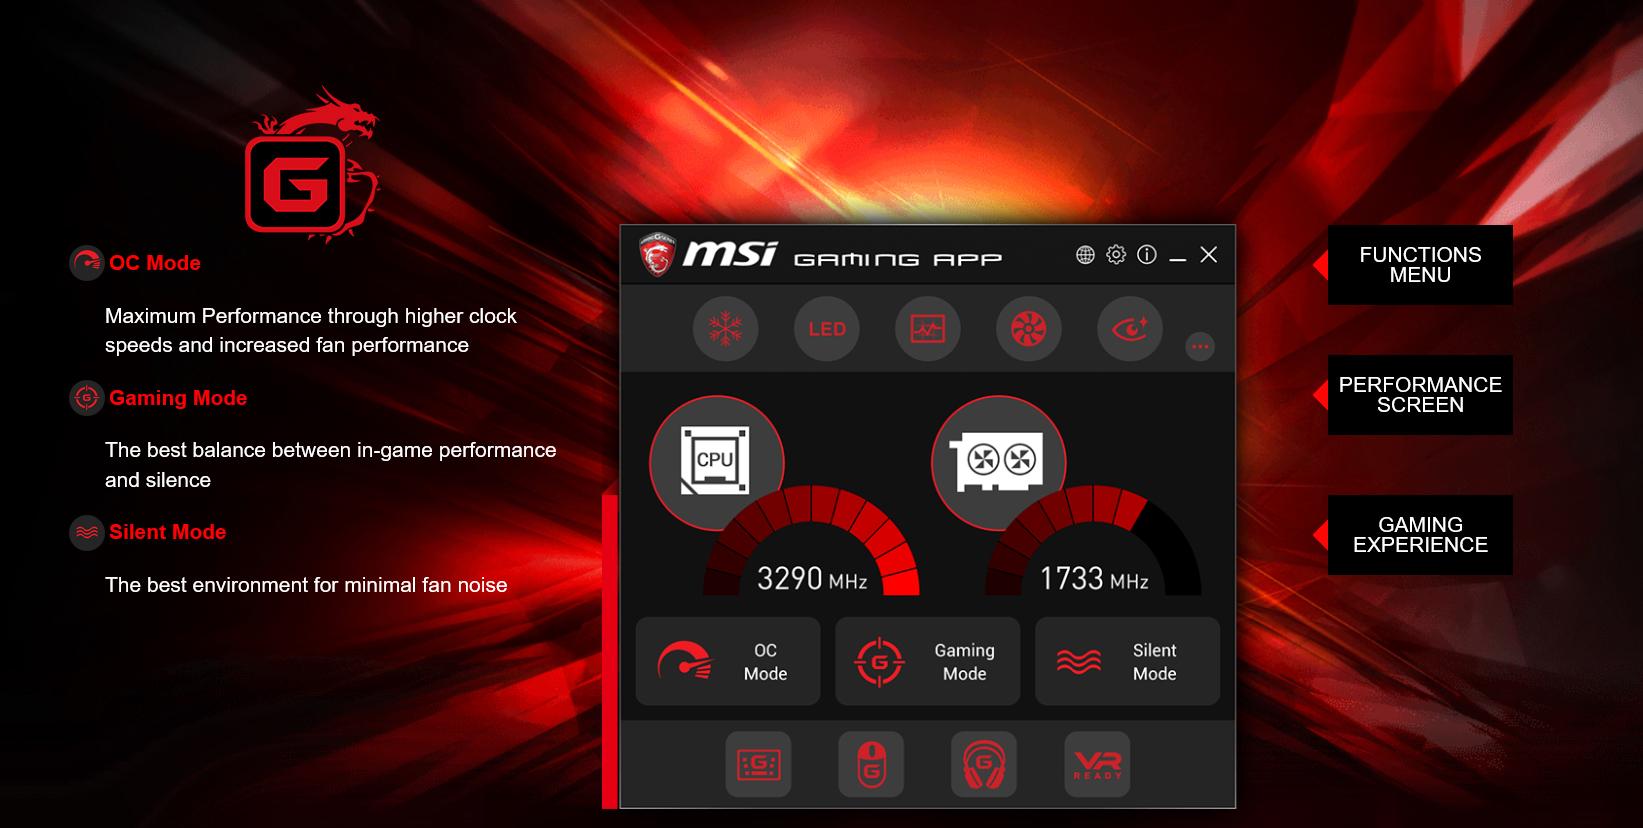 msi game app MSI Radeon RX 470 GAMING X 4G Review